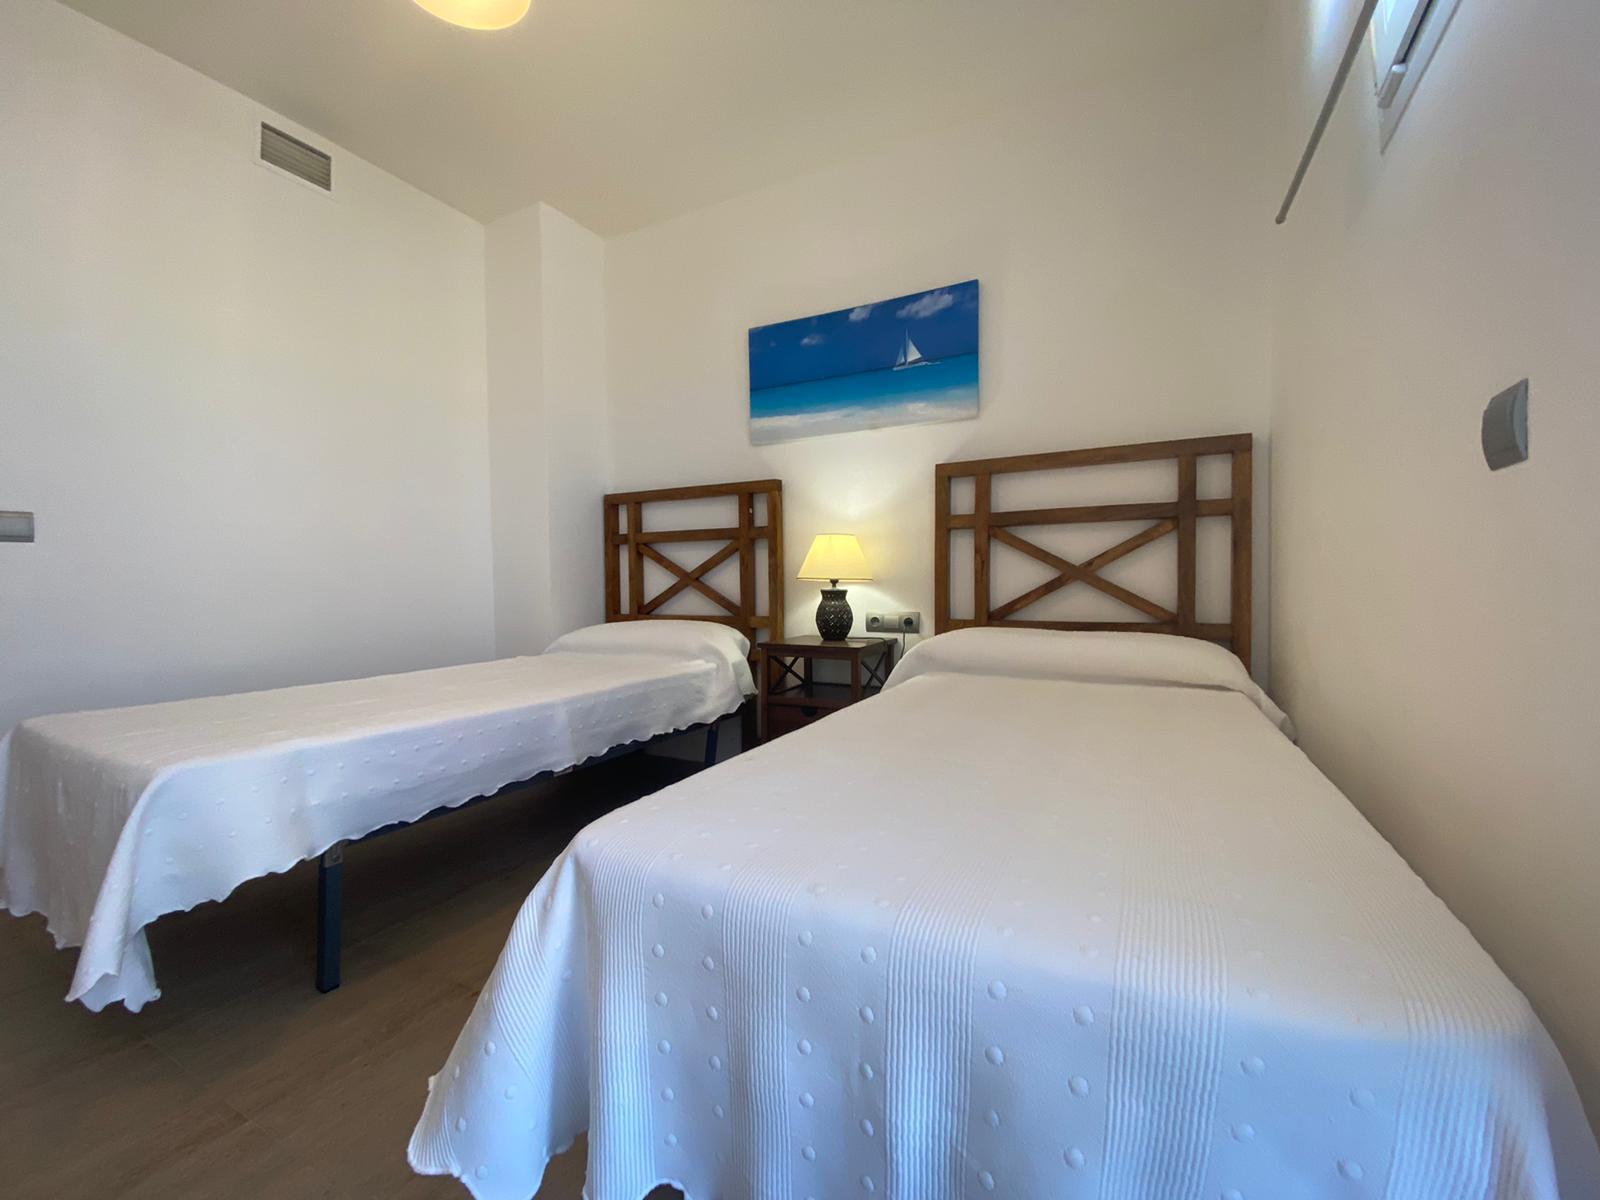 Imagen 38 del Apartamento Turístico, Ático 6 Levante (3d+2b), Punta del Moral (HUELVA), Paseo de la Cruz nº22